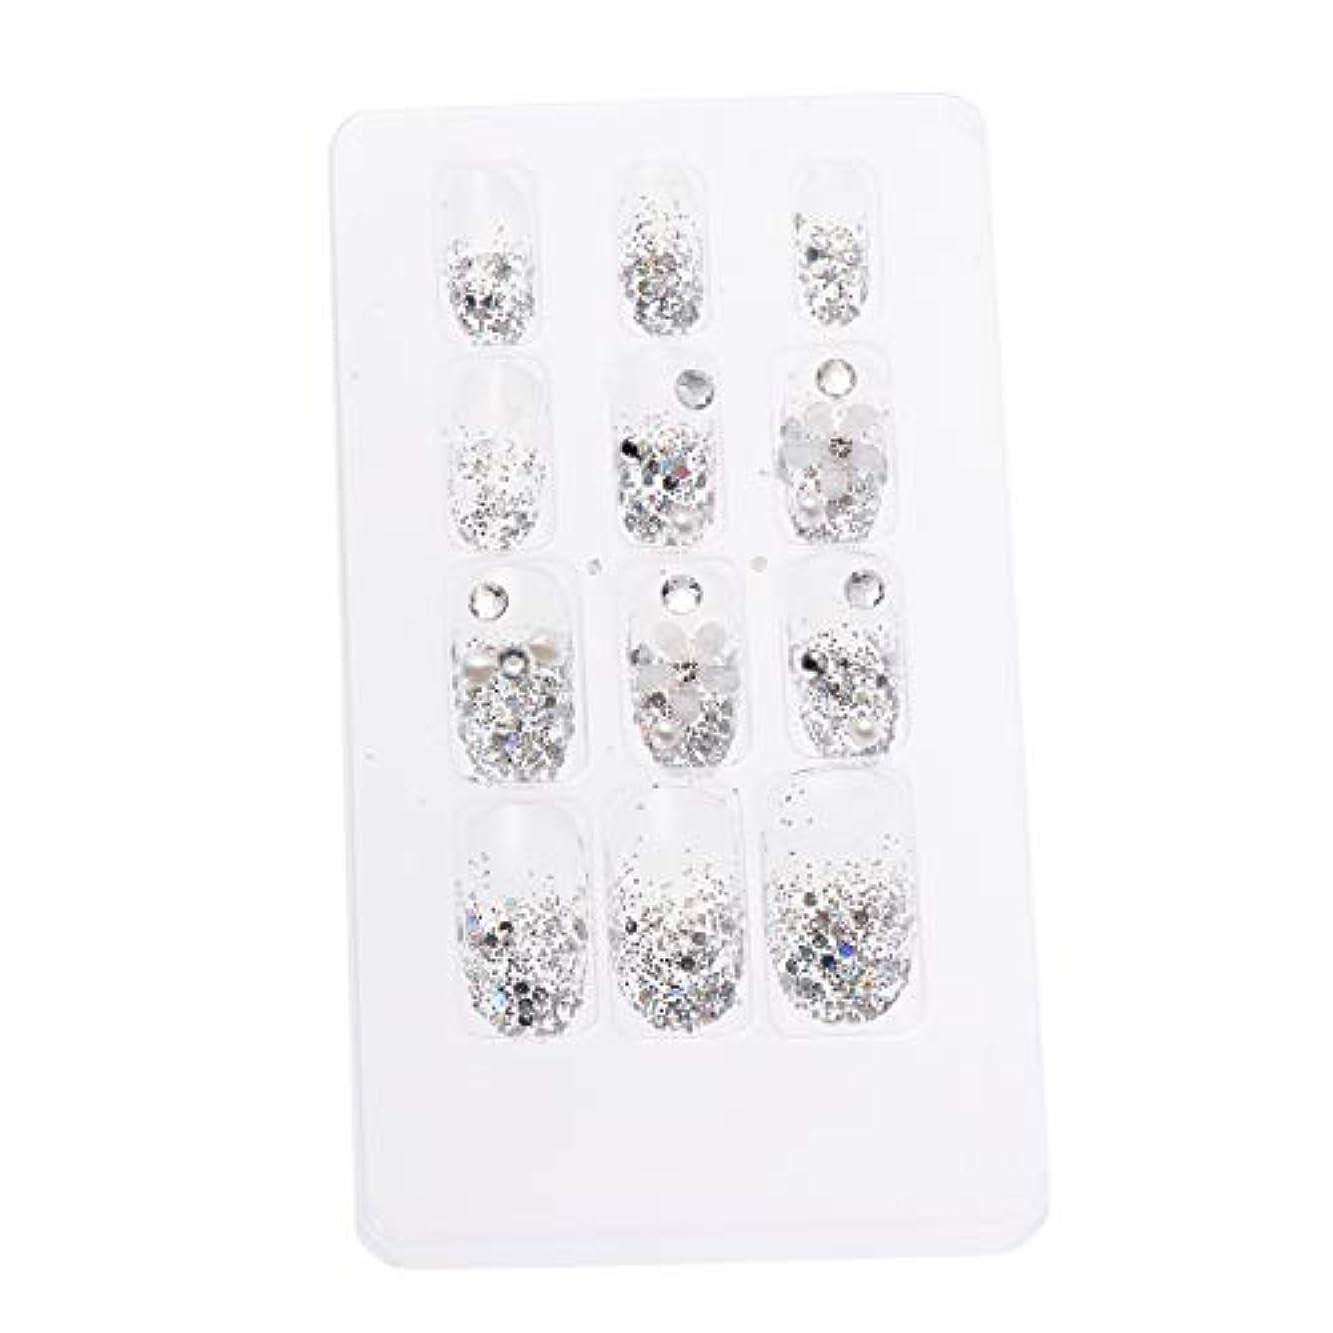 コミットメント控えめな人口LURROSE 24ピースネイルステッカー 人工ダイヤモンド装飾ネイルアート用ブライダル女性